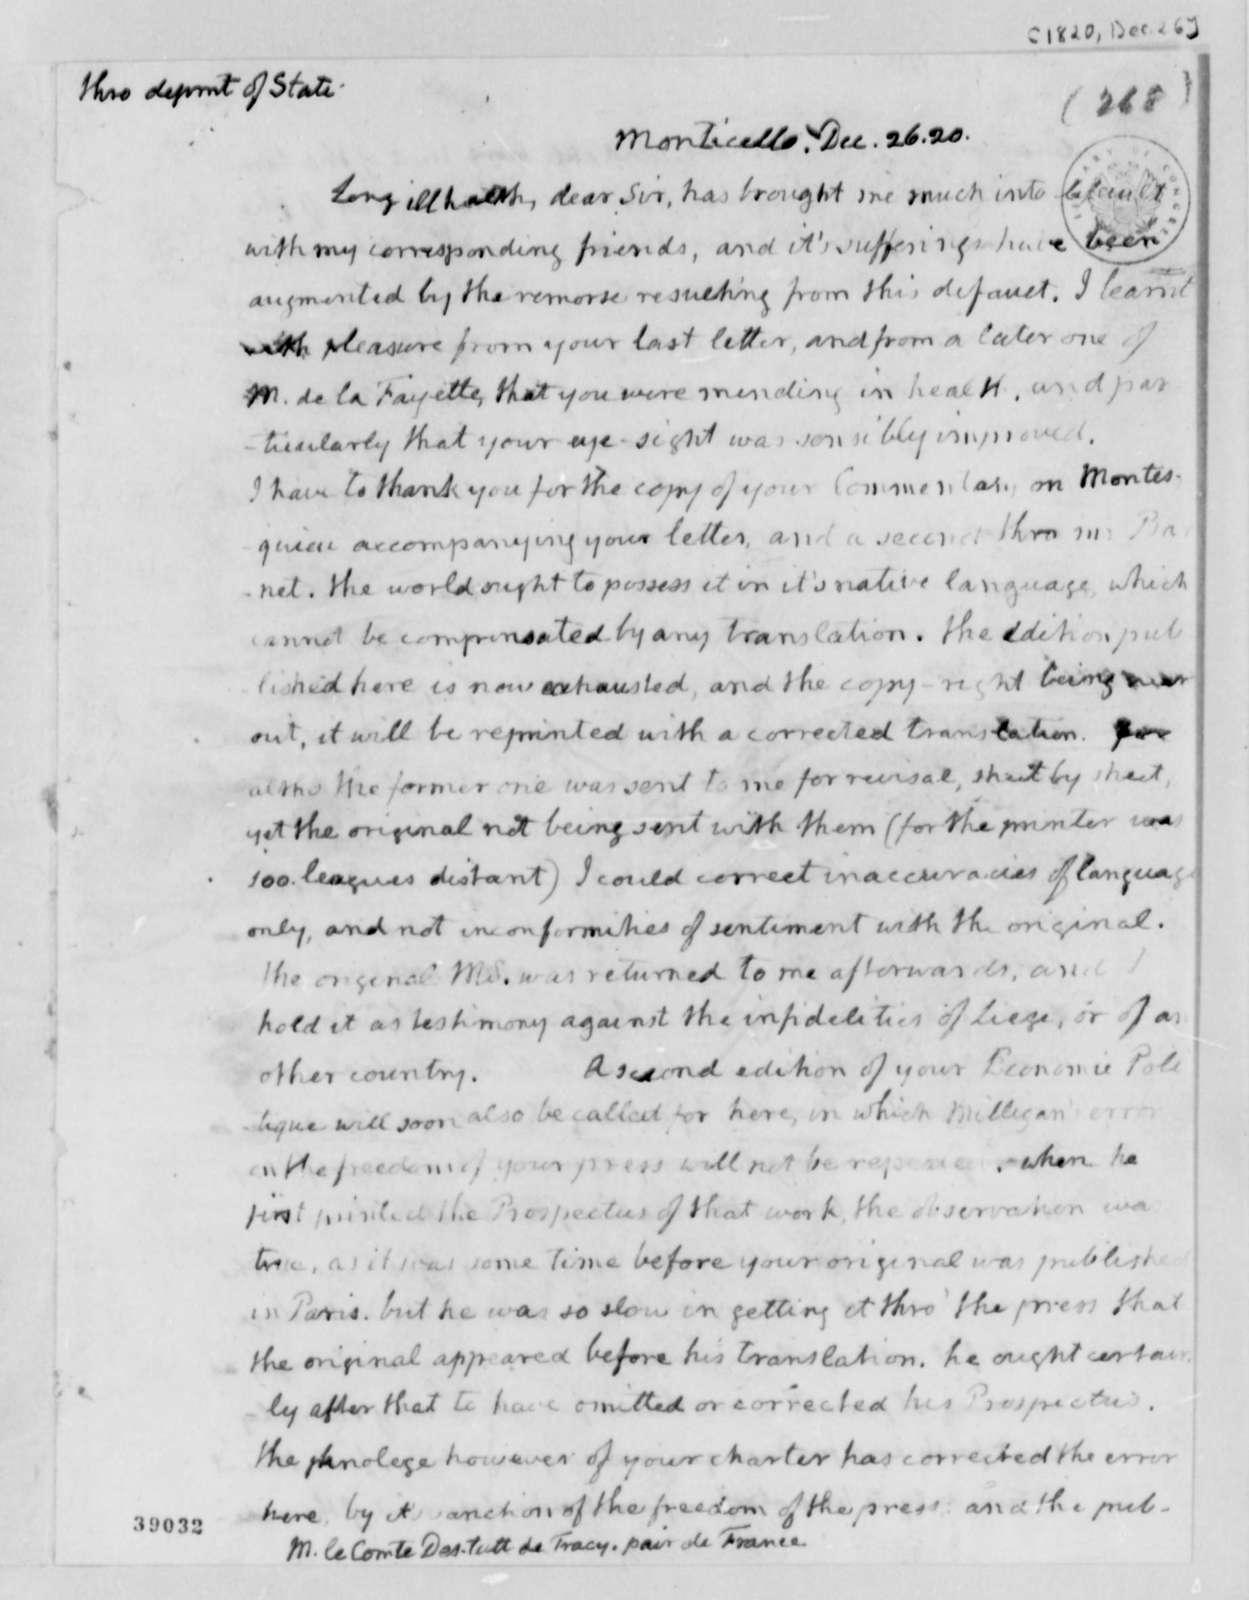 Thomas Jefferson to Antoine Louis Claude Destutt de Tracy, December 26, 1820